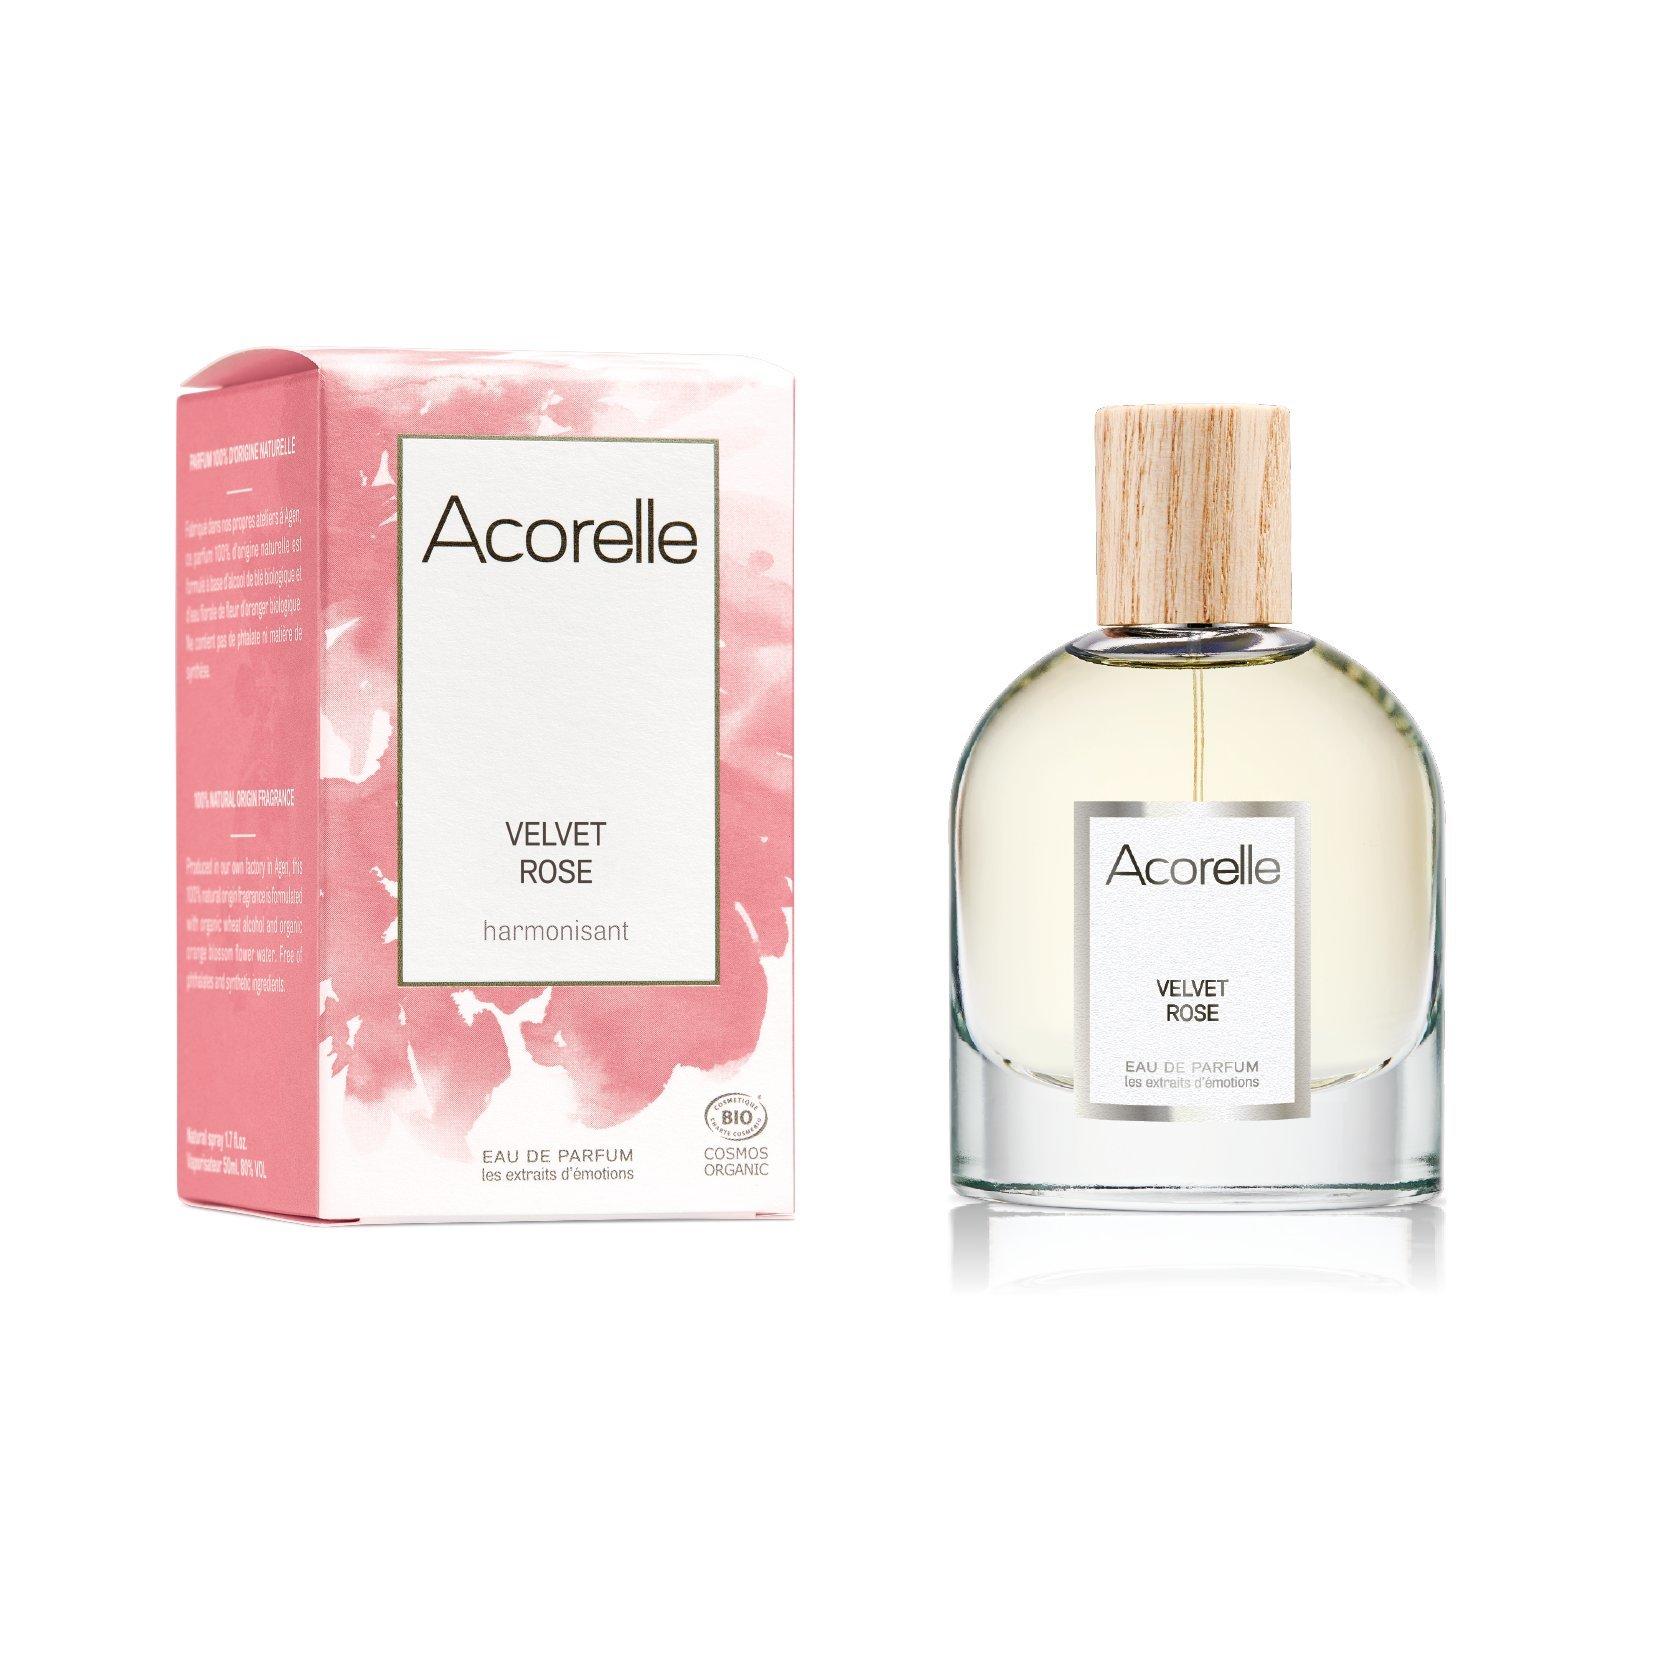 Acorelle - Eau de Parfum Velvet Rose 50mL